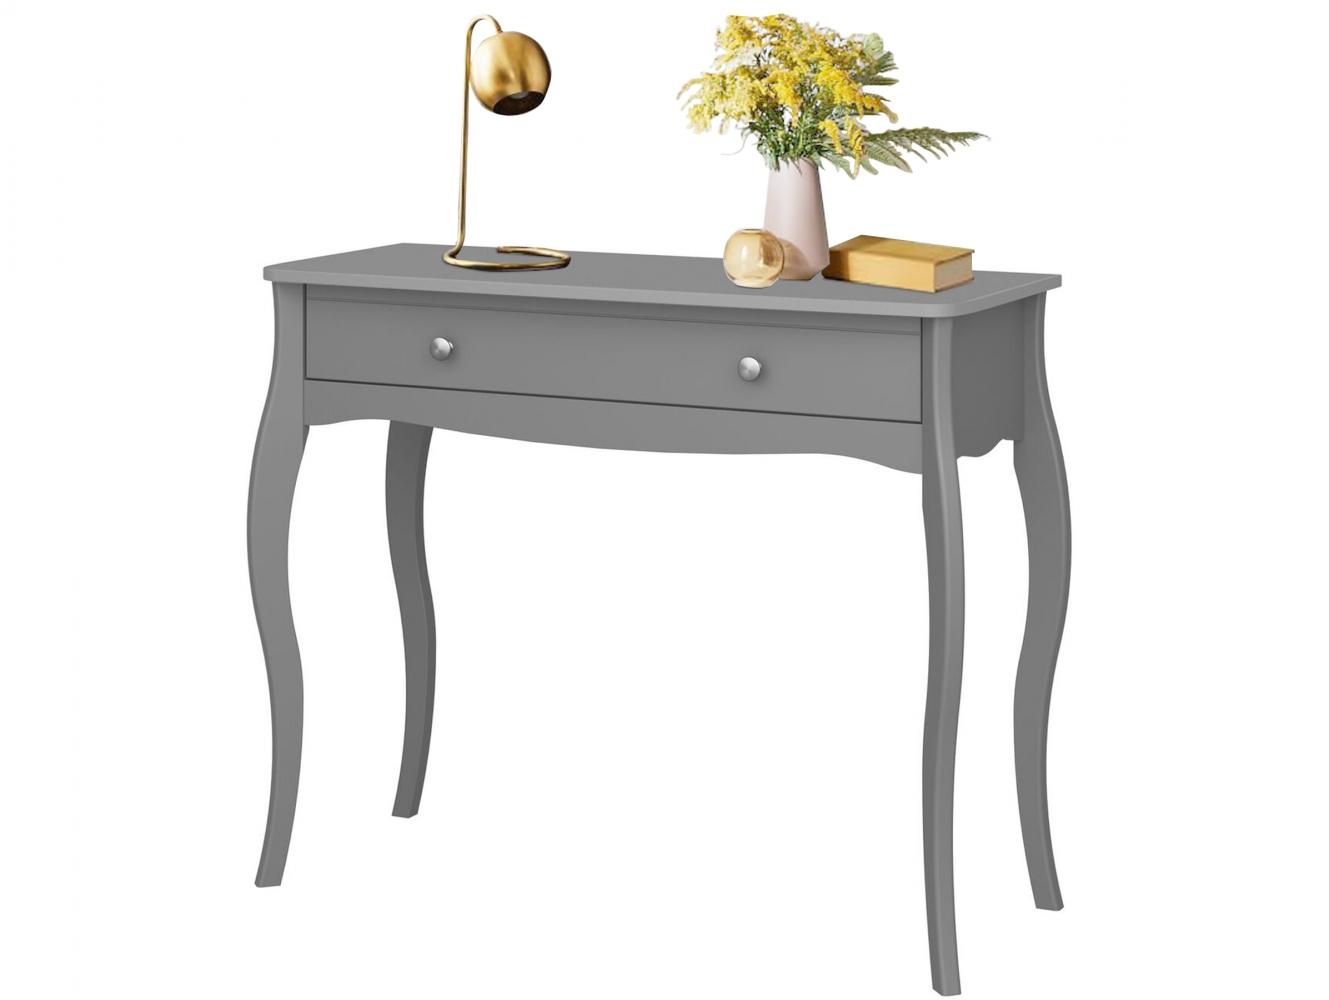 Konzolový stolek Baroq, 100 cm, šedá